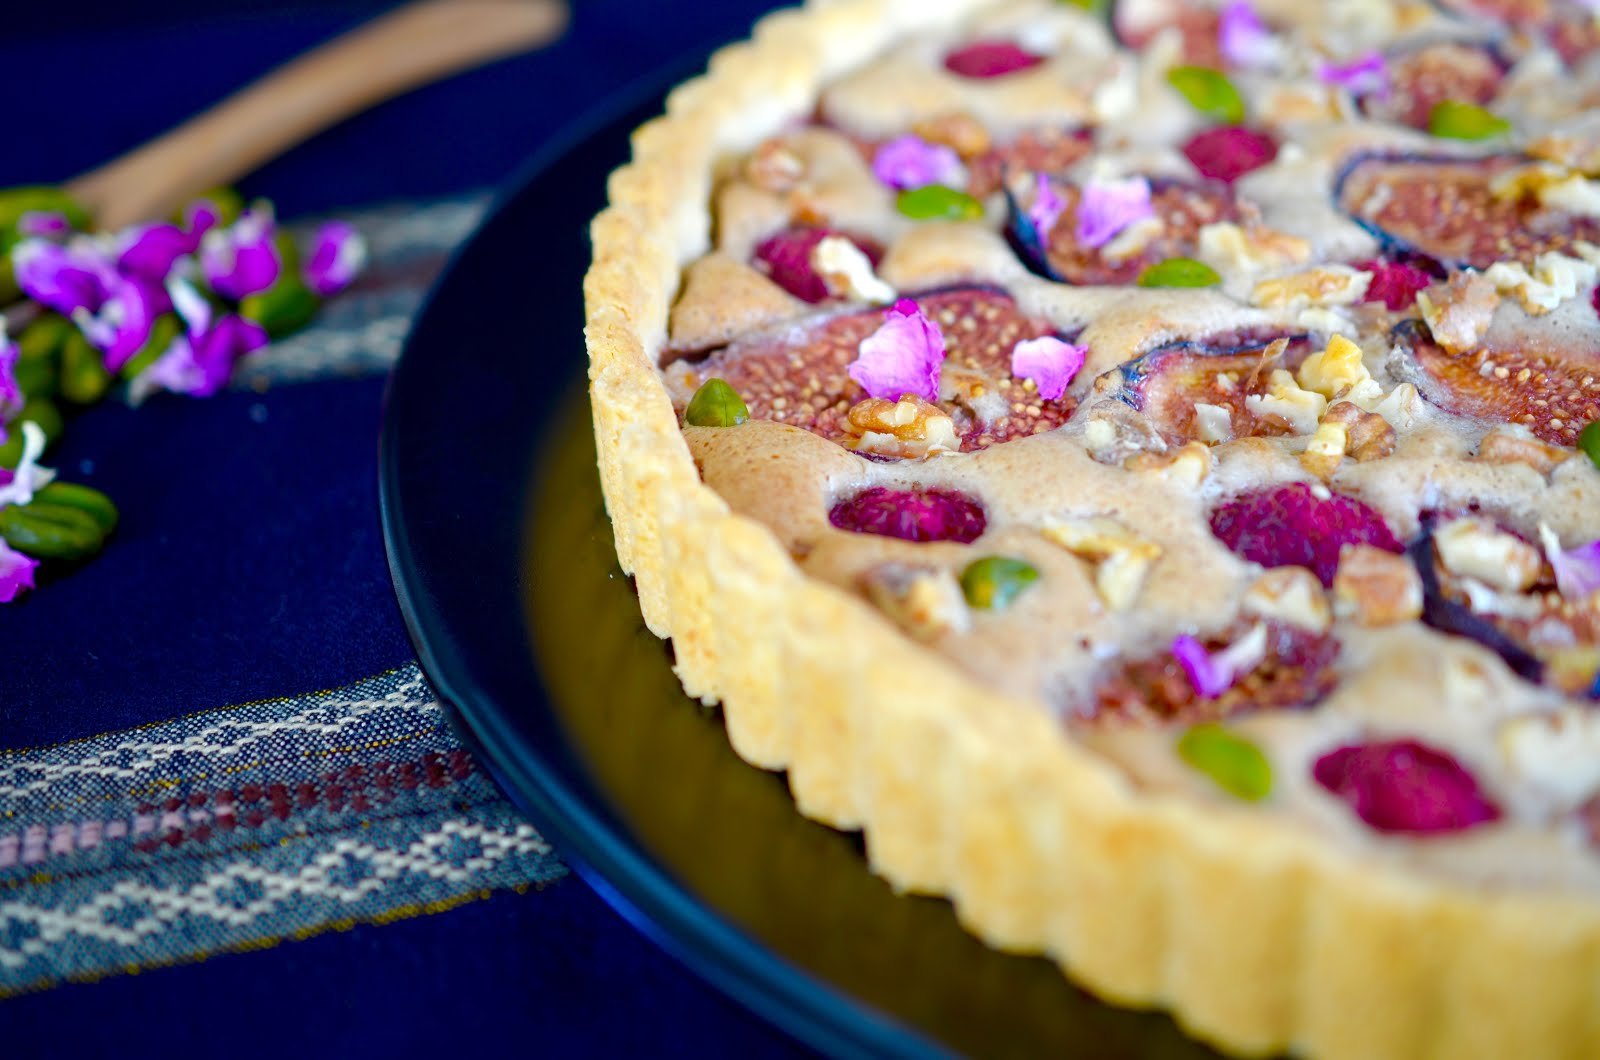 Feigentarte   Orientalische Variante Mit Walnüssen, Kardamom Und Rosenblüten